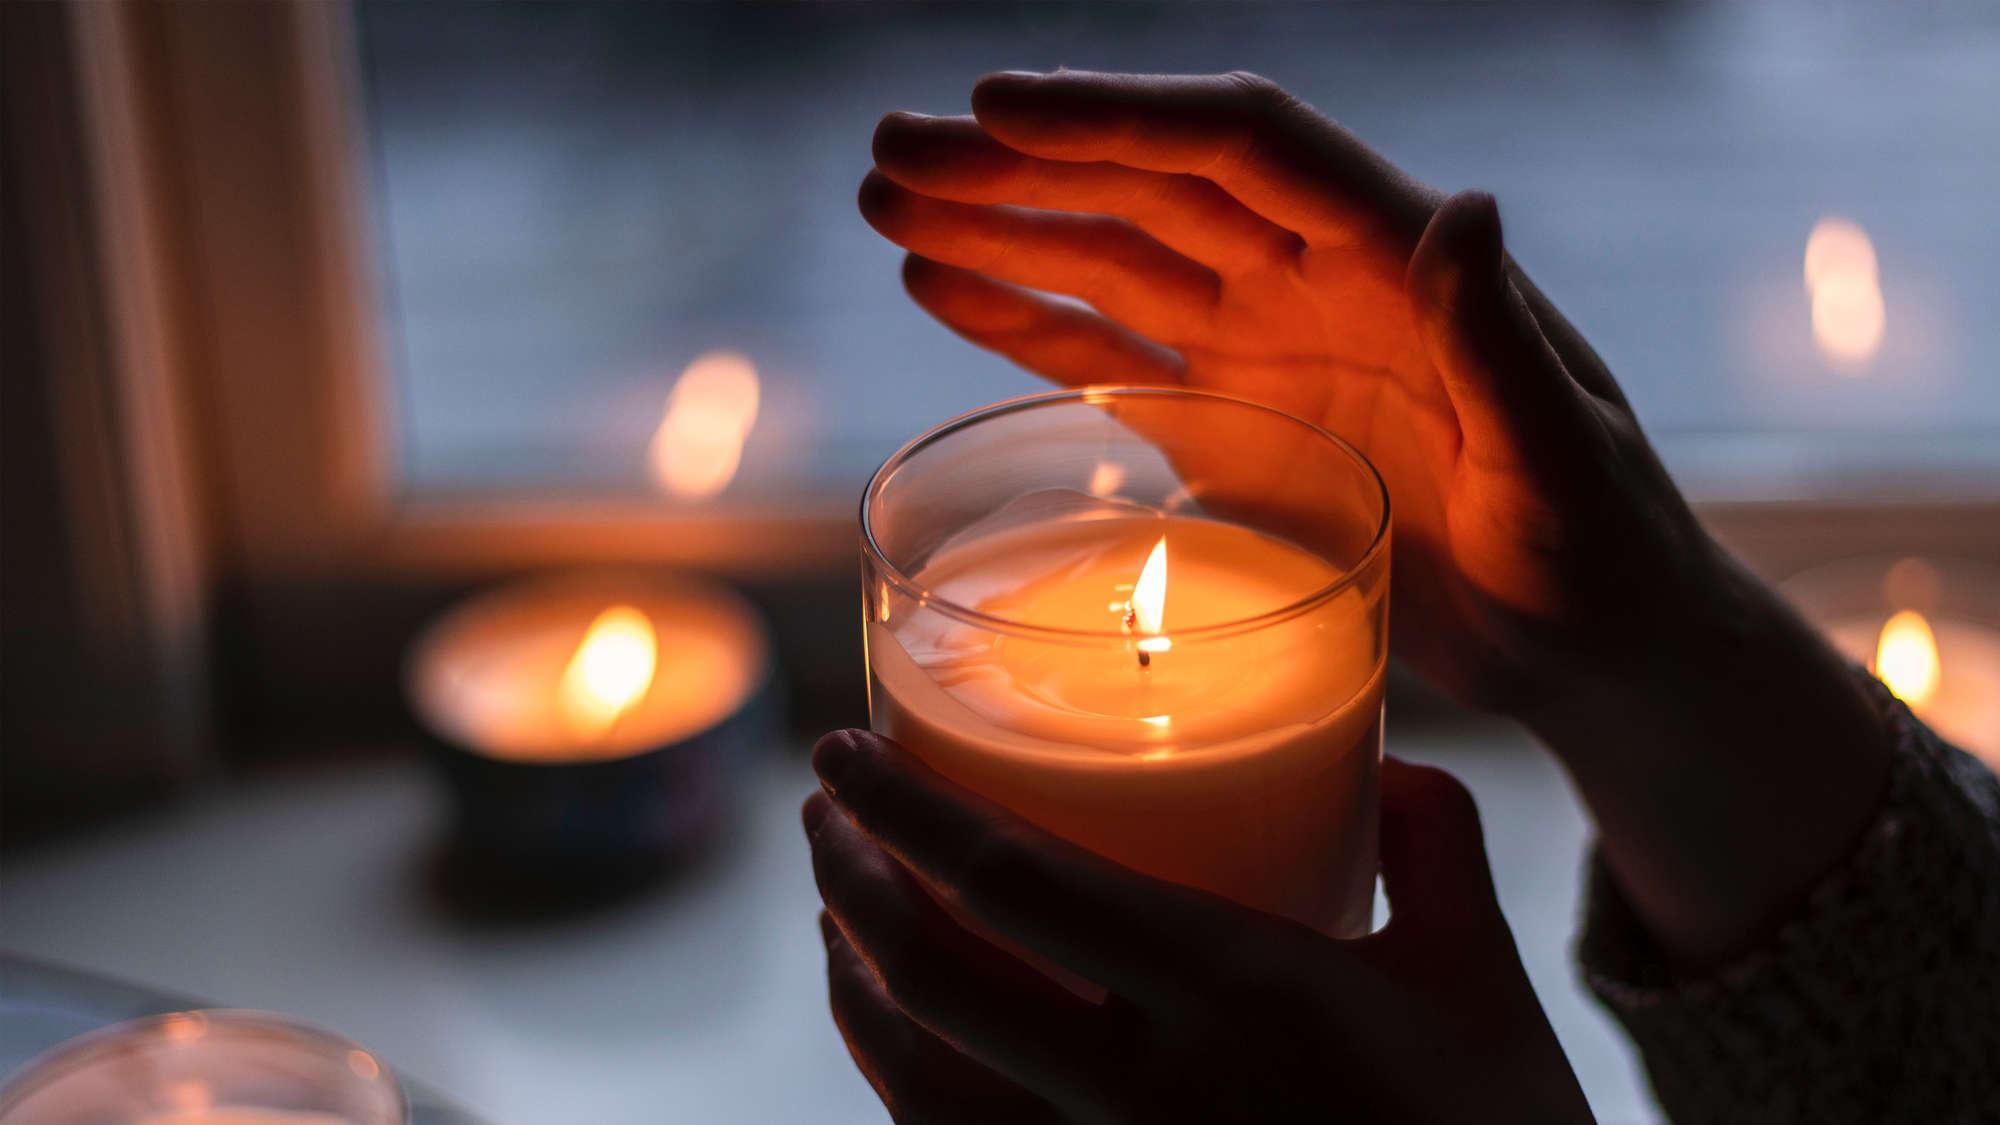 #lichtfenster - ein Zeichen der Solidarität für die Opfer der Corona-Pandemie